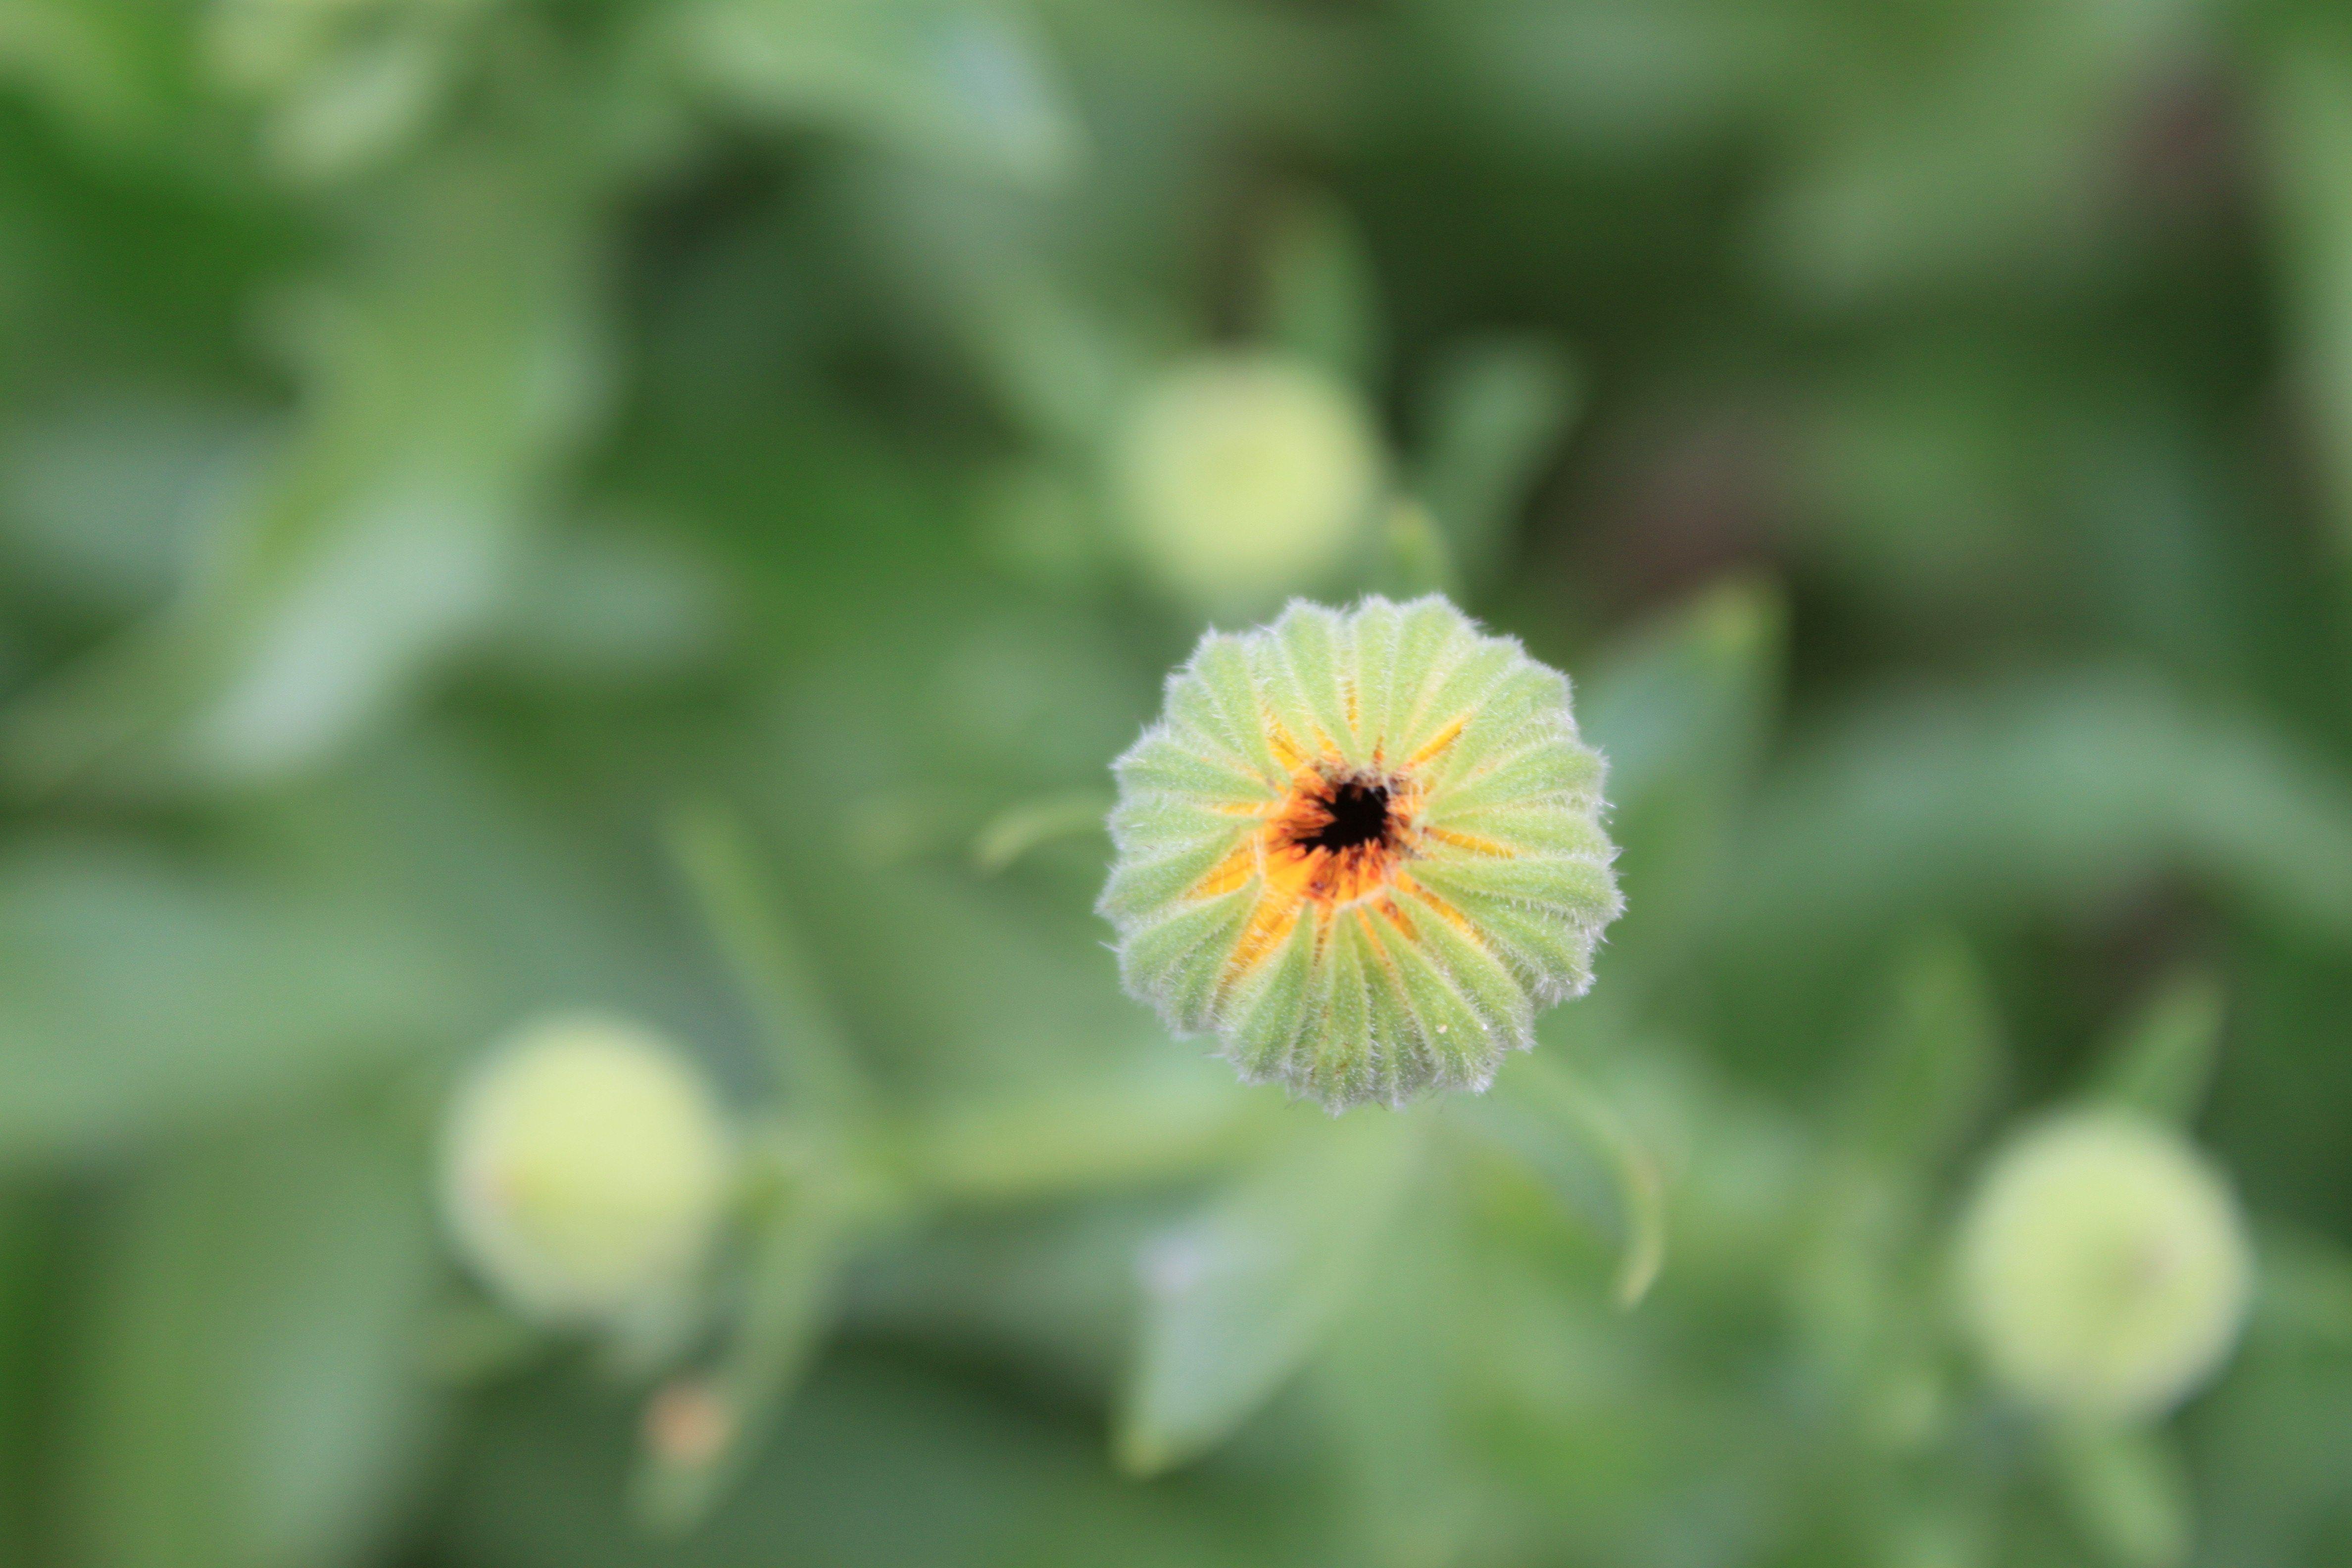 Brotinho da flor de calêndula ©Gabriela Pastro